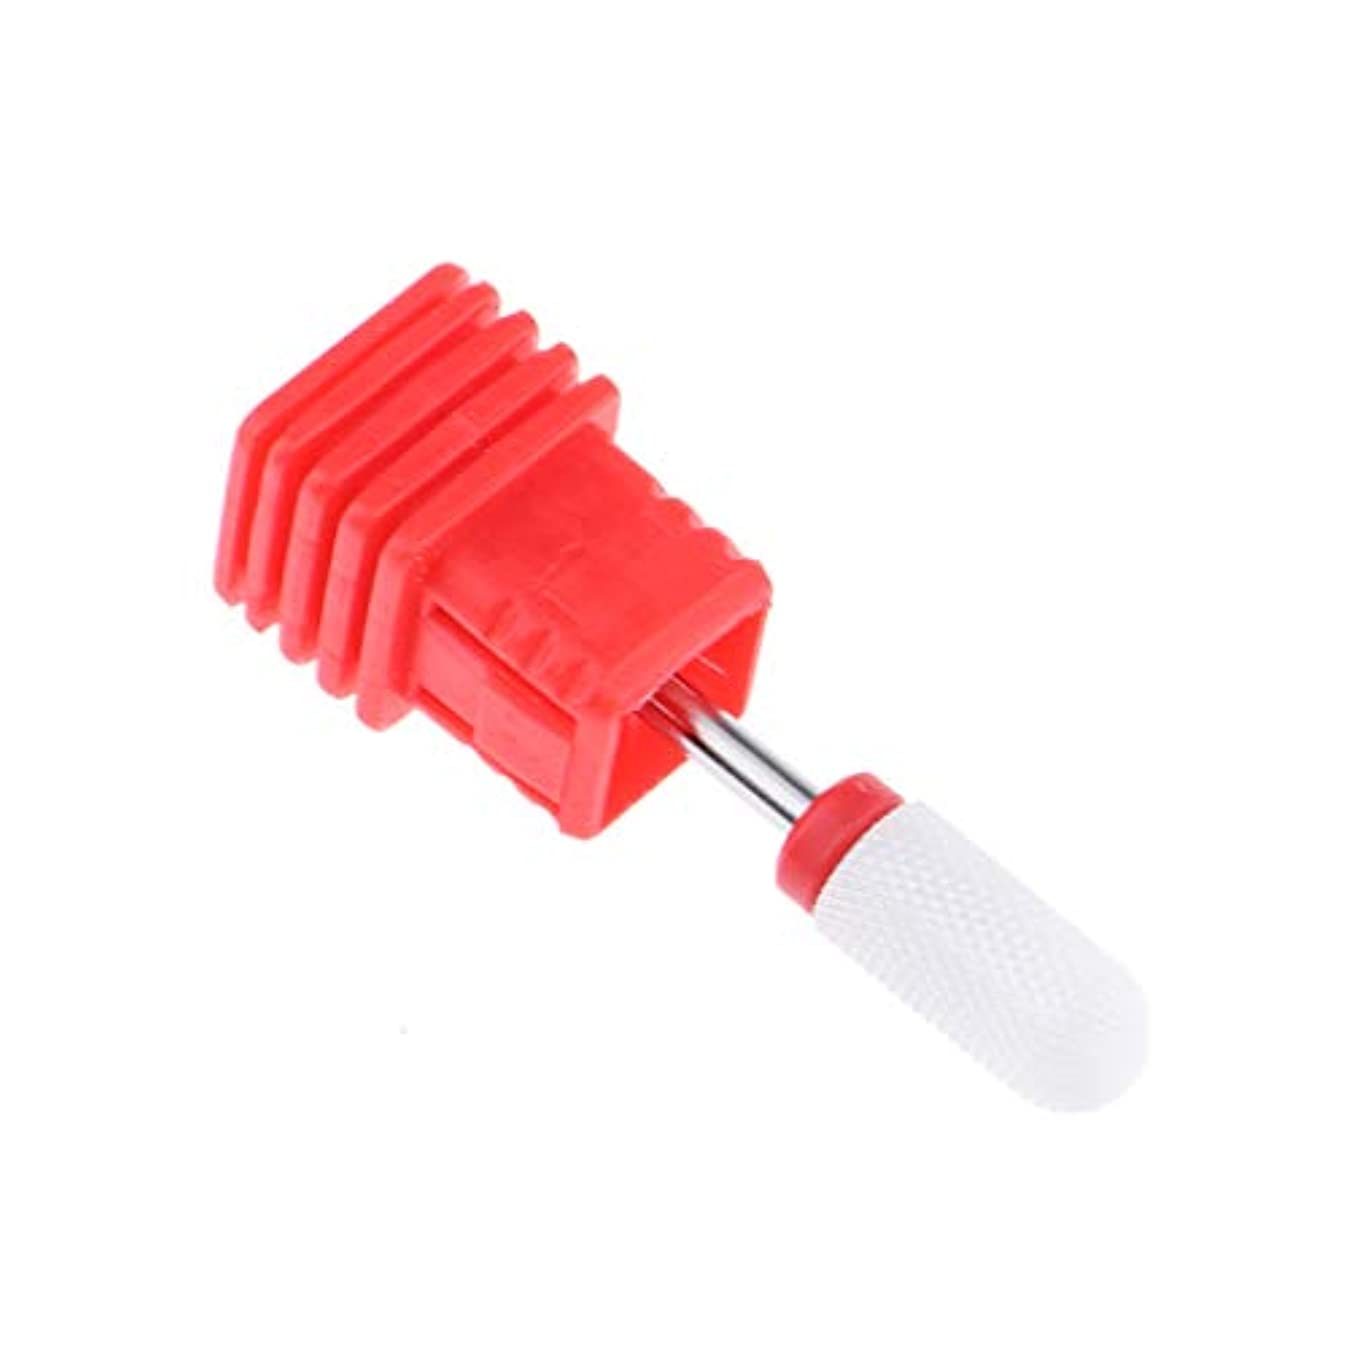 良性高度さようならネイルドリルビット ネイル研削 ネイルアート道具 爪磨き ネイルファイル 4サイズ選べ - レッドファインリッジ